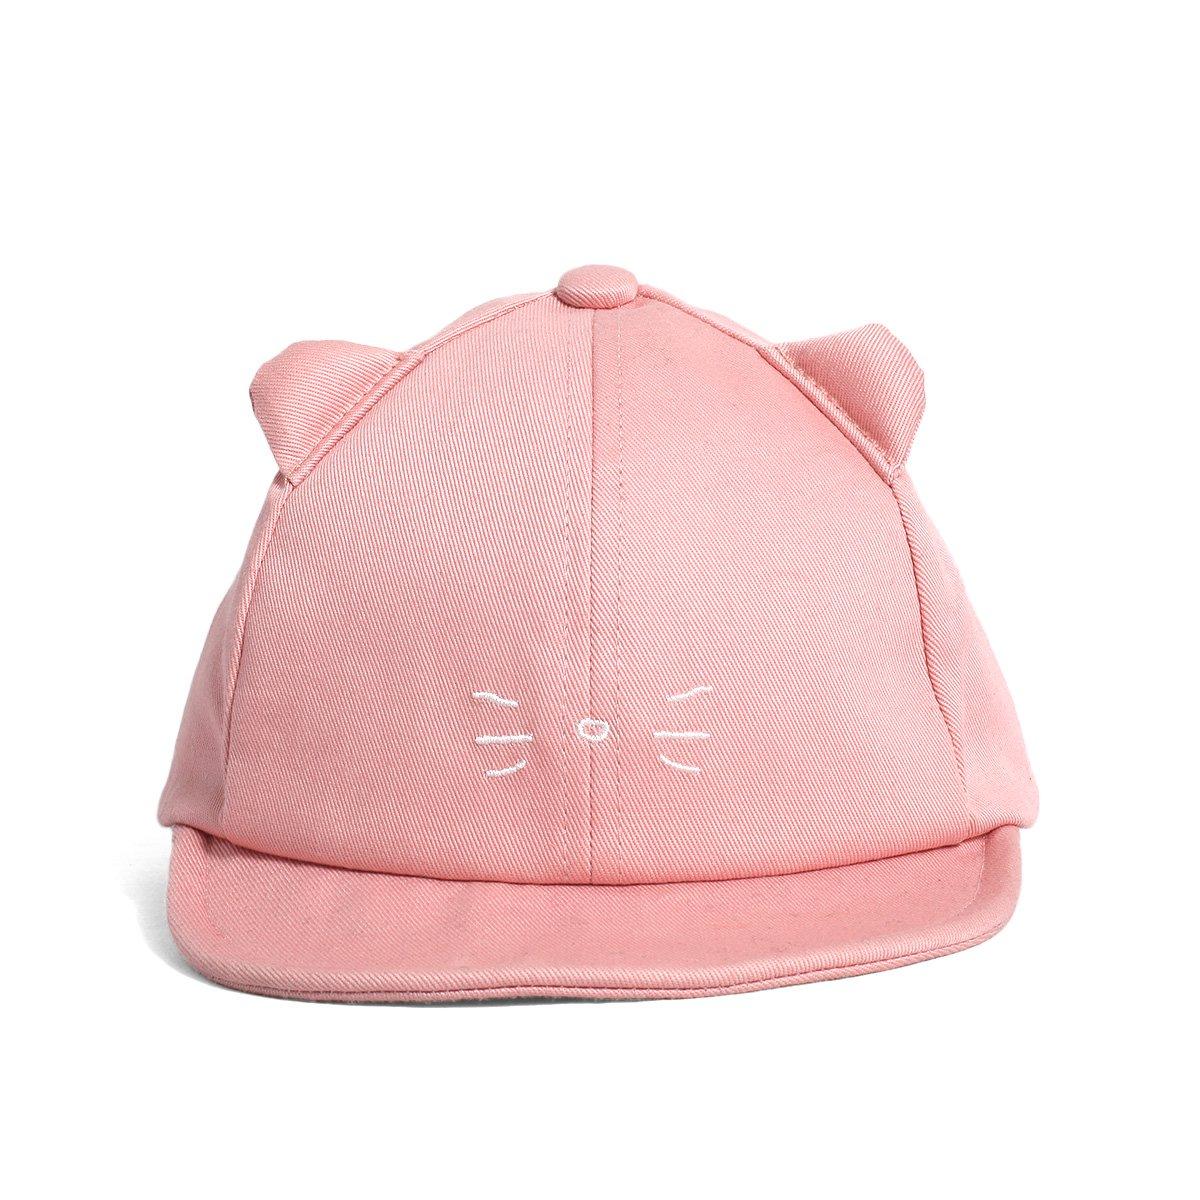 【KIDS】Cat Ear Cap 詳細画像4